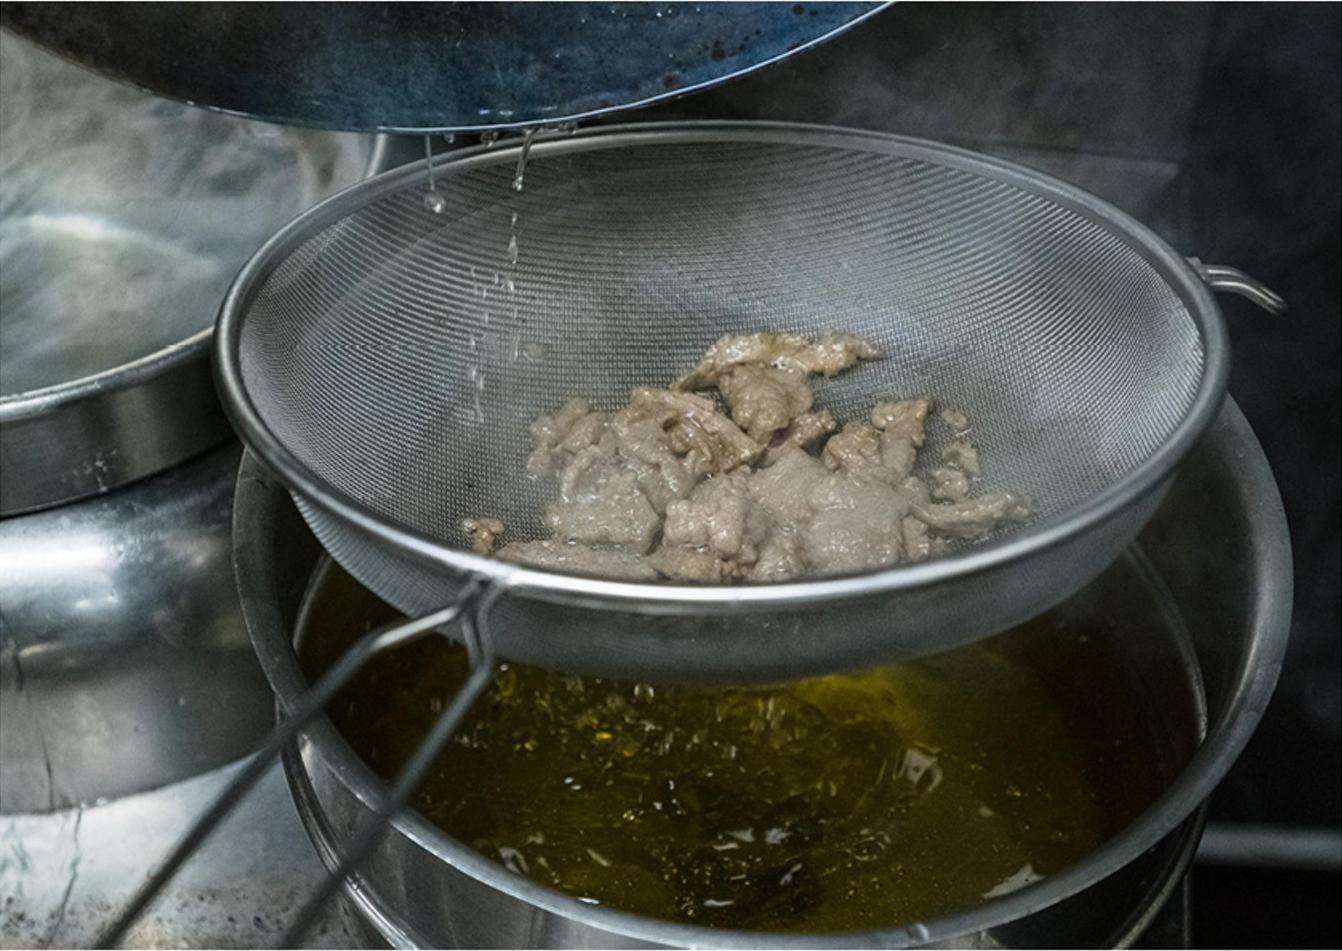 牛肉又老又硬,因为你只会加生粉,大厨一招就把牛肉变得又嫩又滑